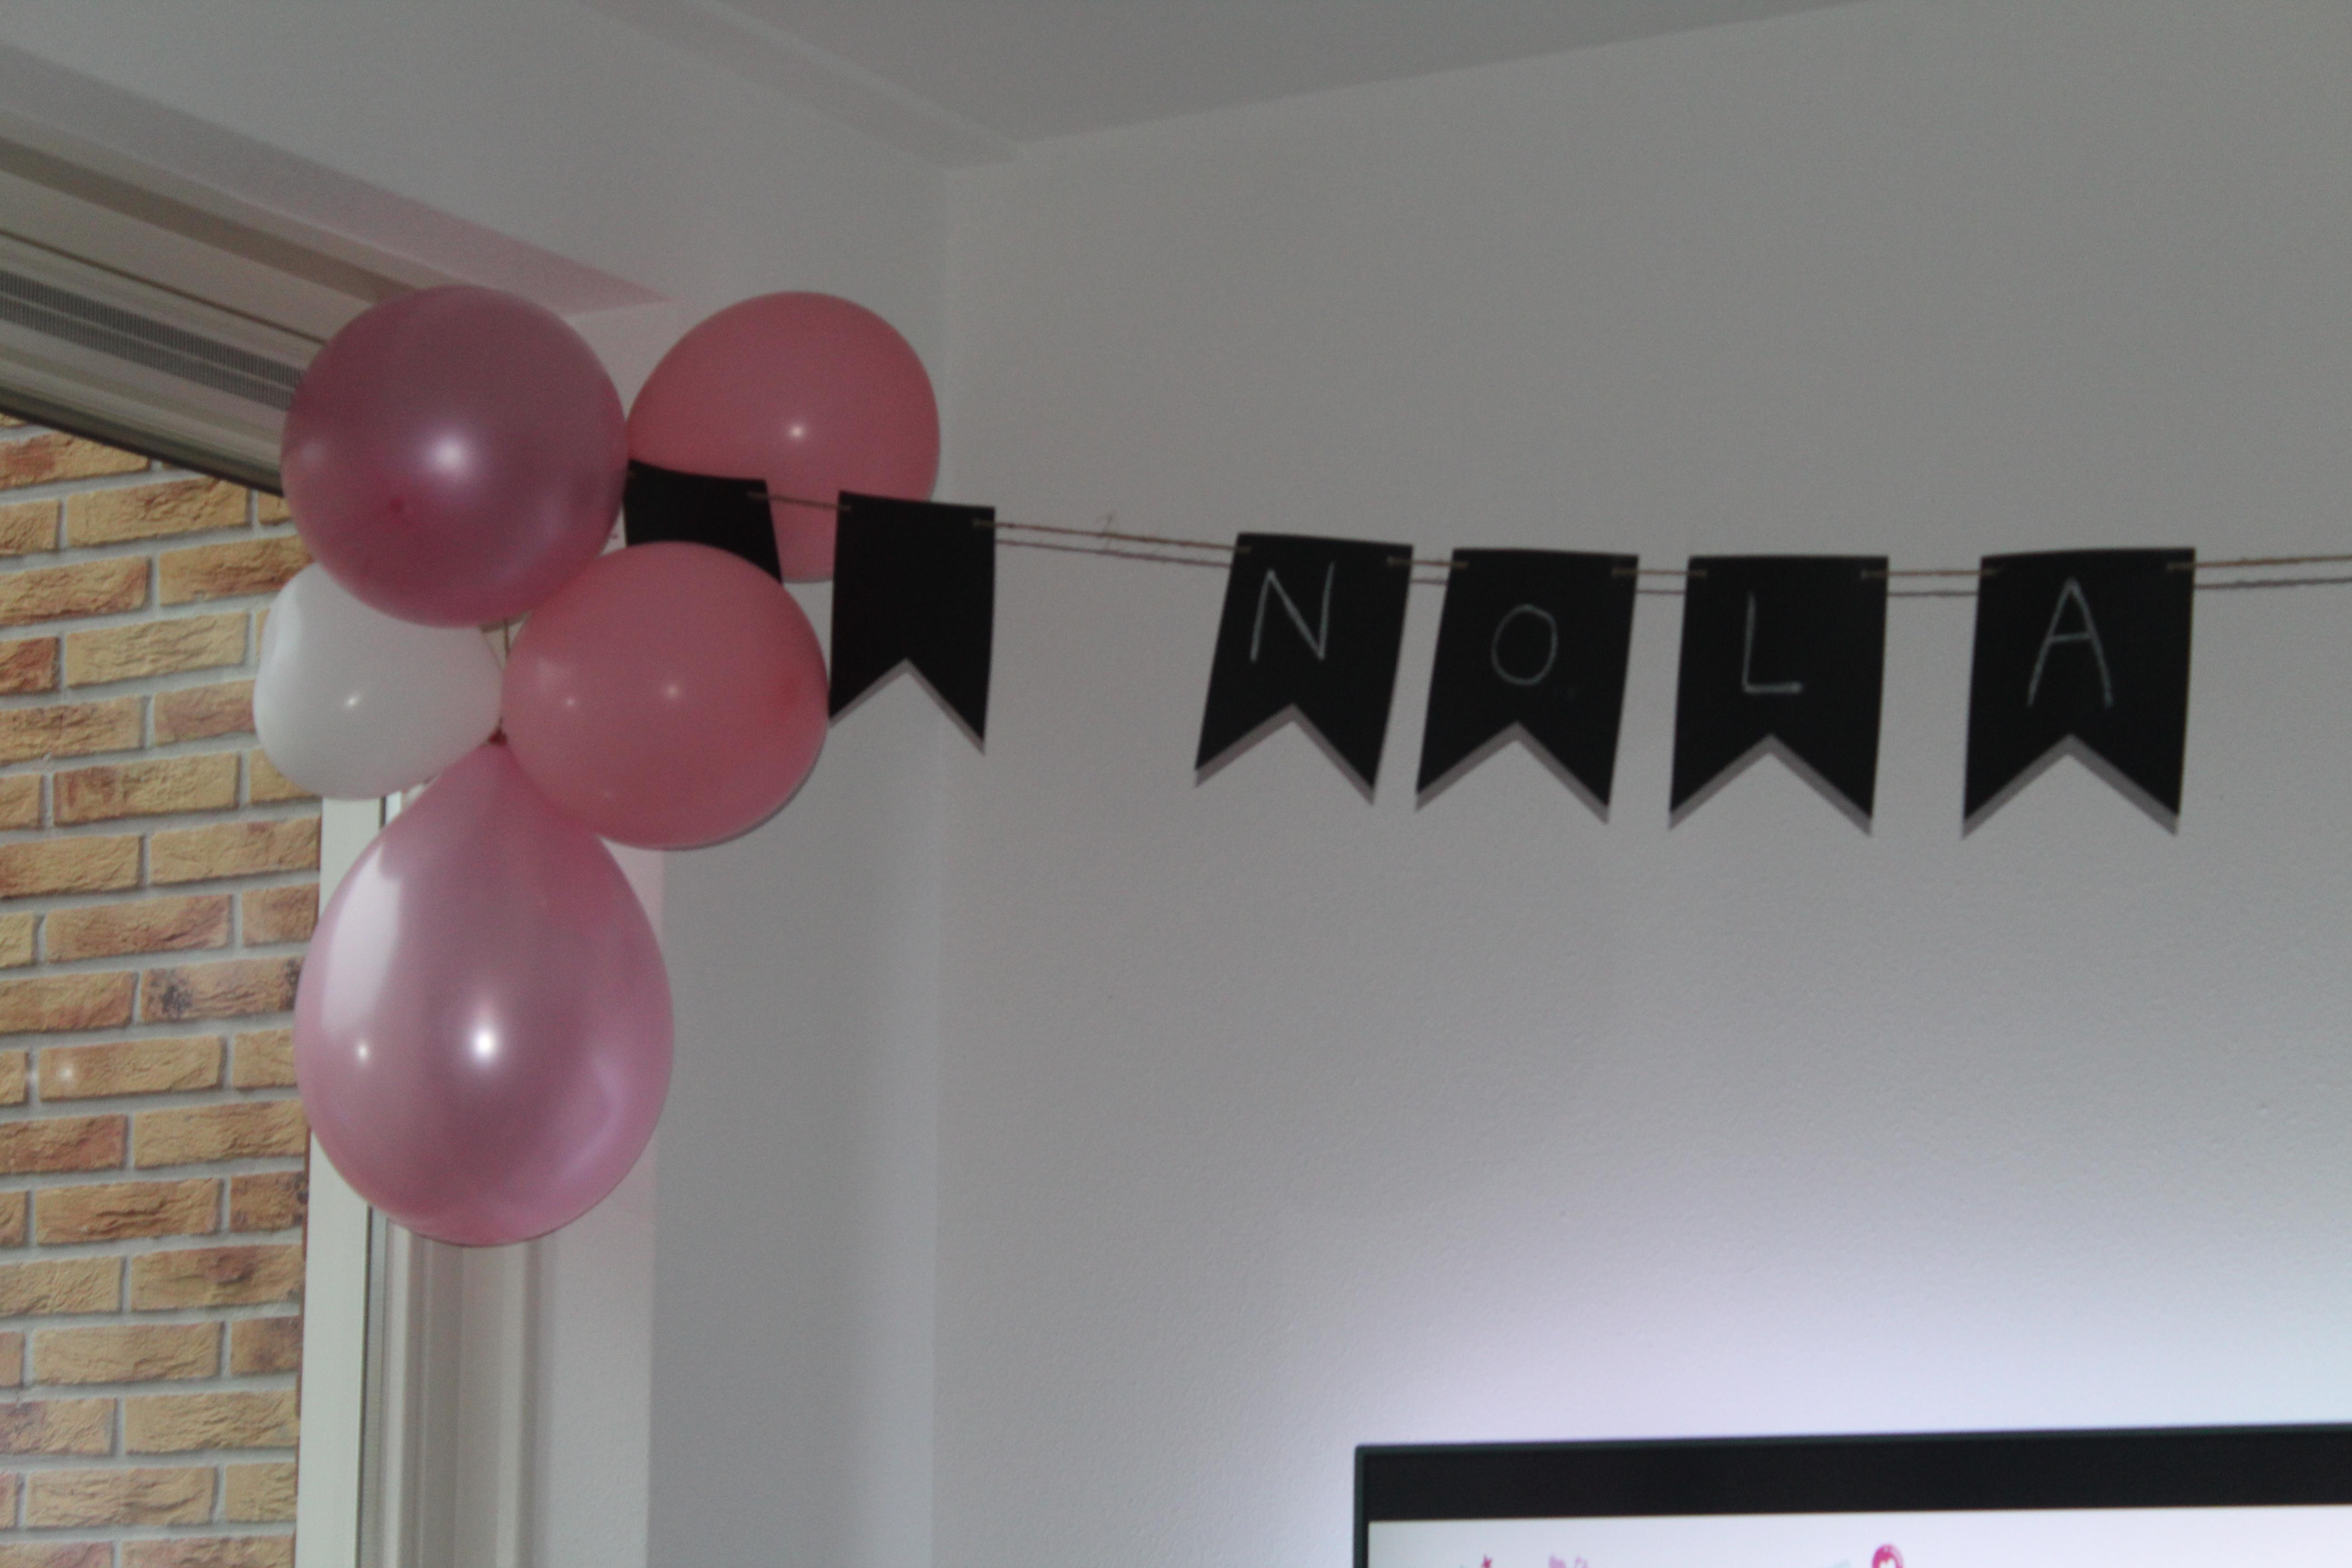 12-16-taart-zandkasteel-nola-2-jaar-verjaardag-verjaardagstaart-baby-meisje-kind-roze-thema-zand-dag-bestellen-balonnen-helium-nanny-moeder-amsterdam-diemen-slinger-hema